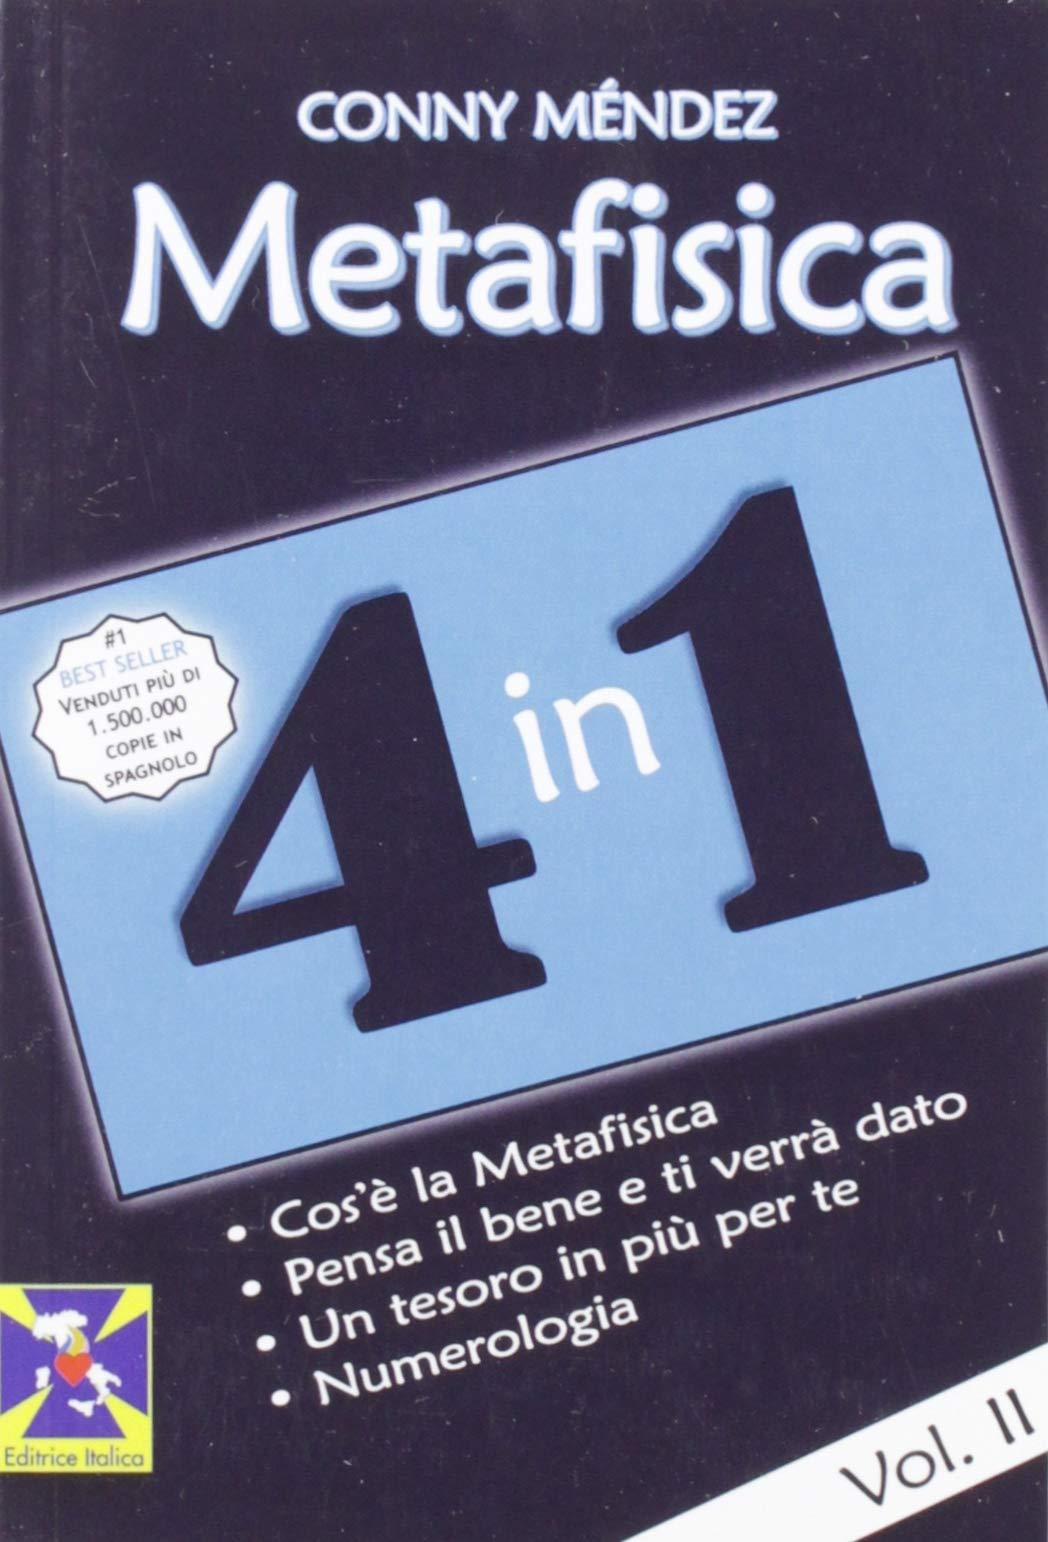 Metafisica 4 In 1 Méndez Conny Ferranti R M Micieli R Soccio S 9788863241518 Books